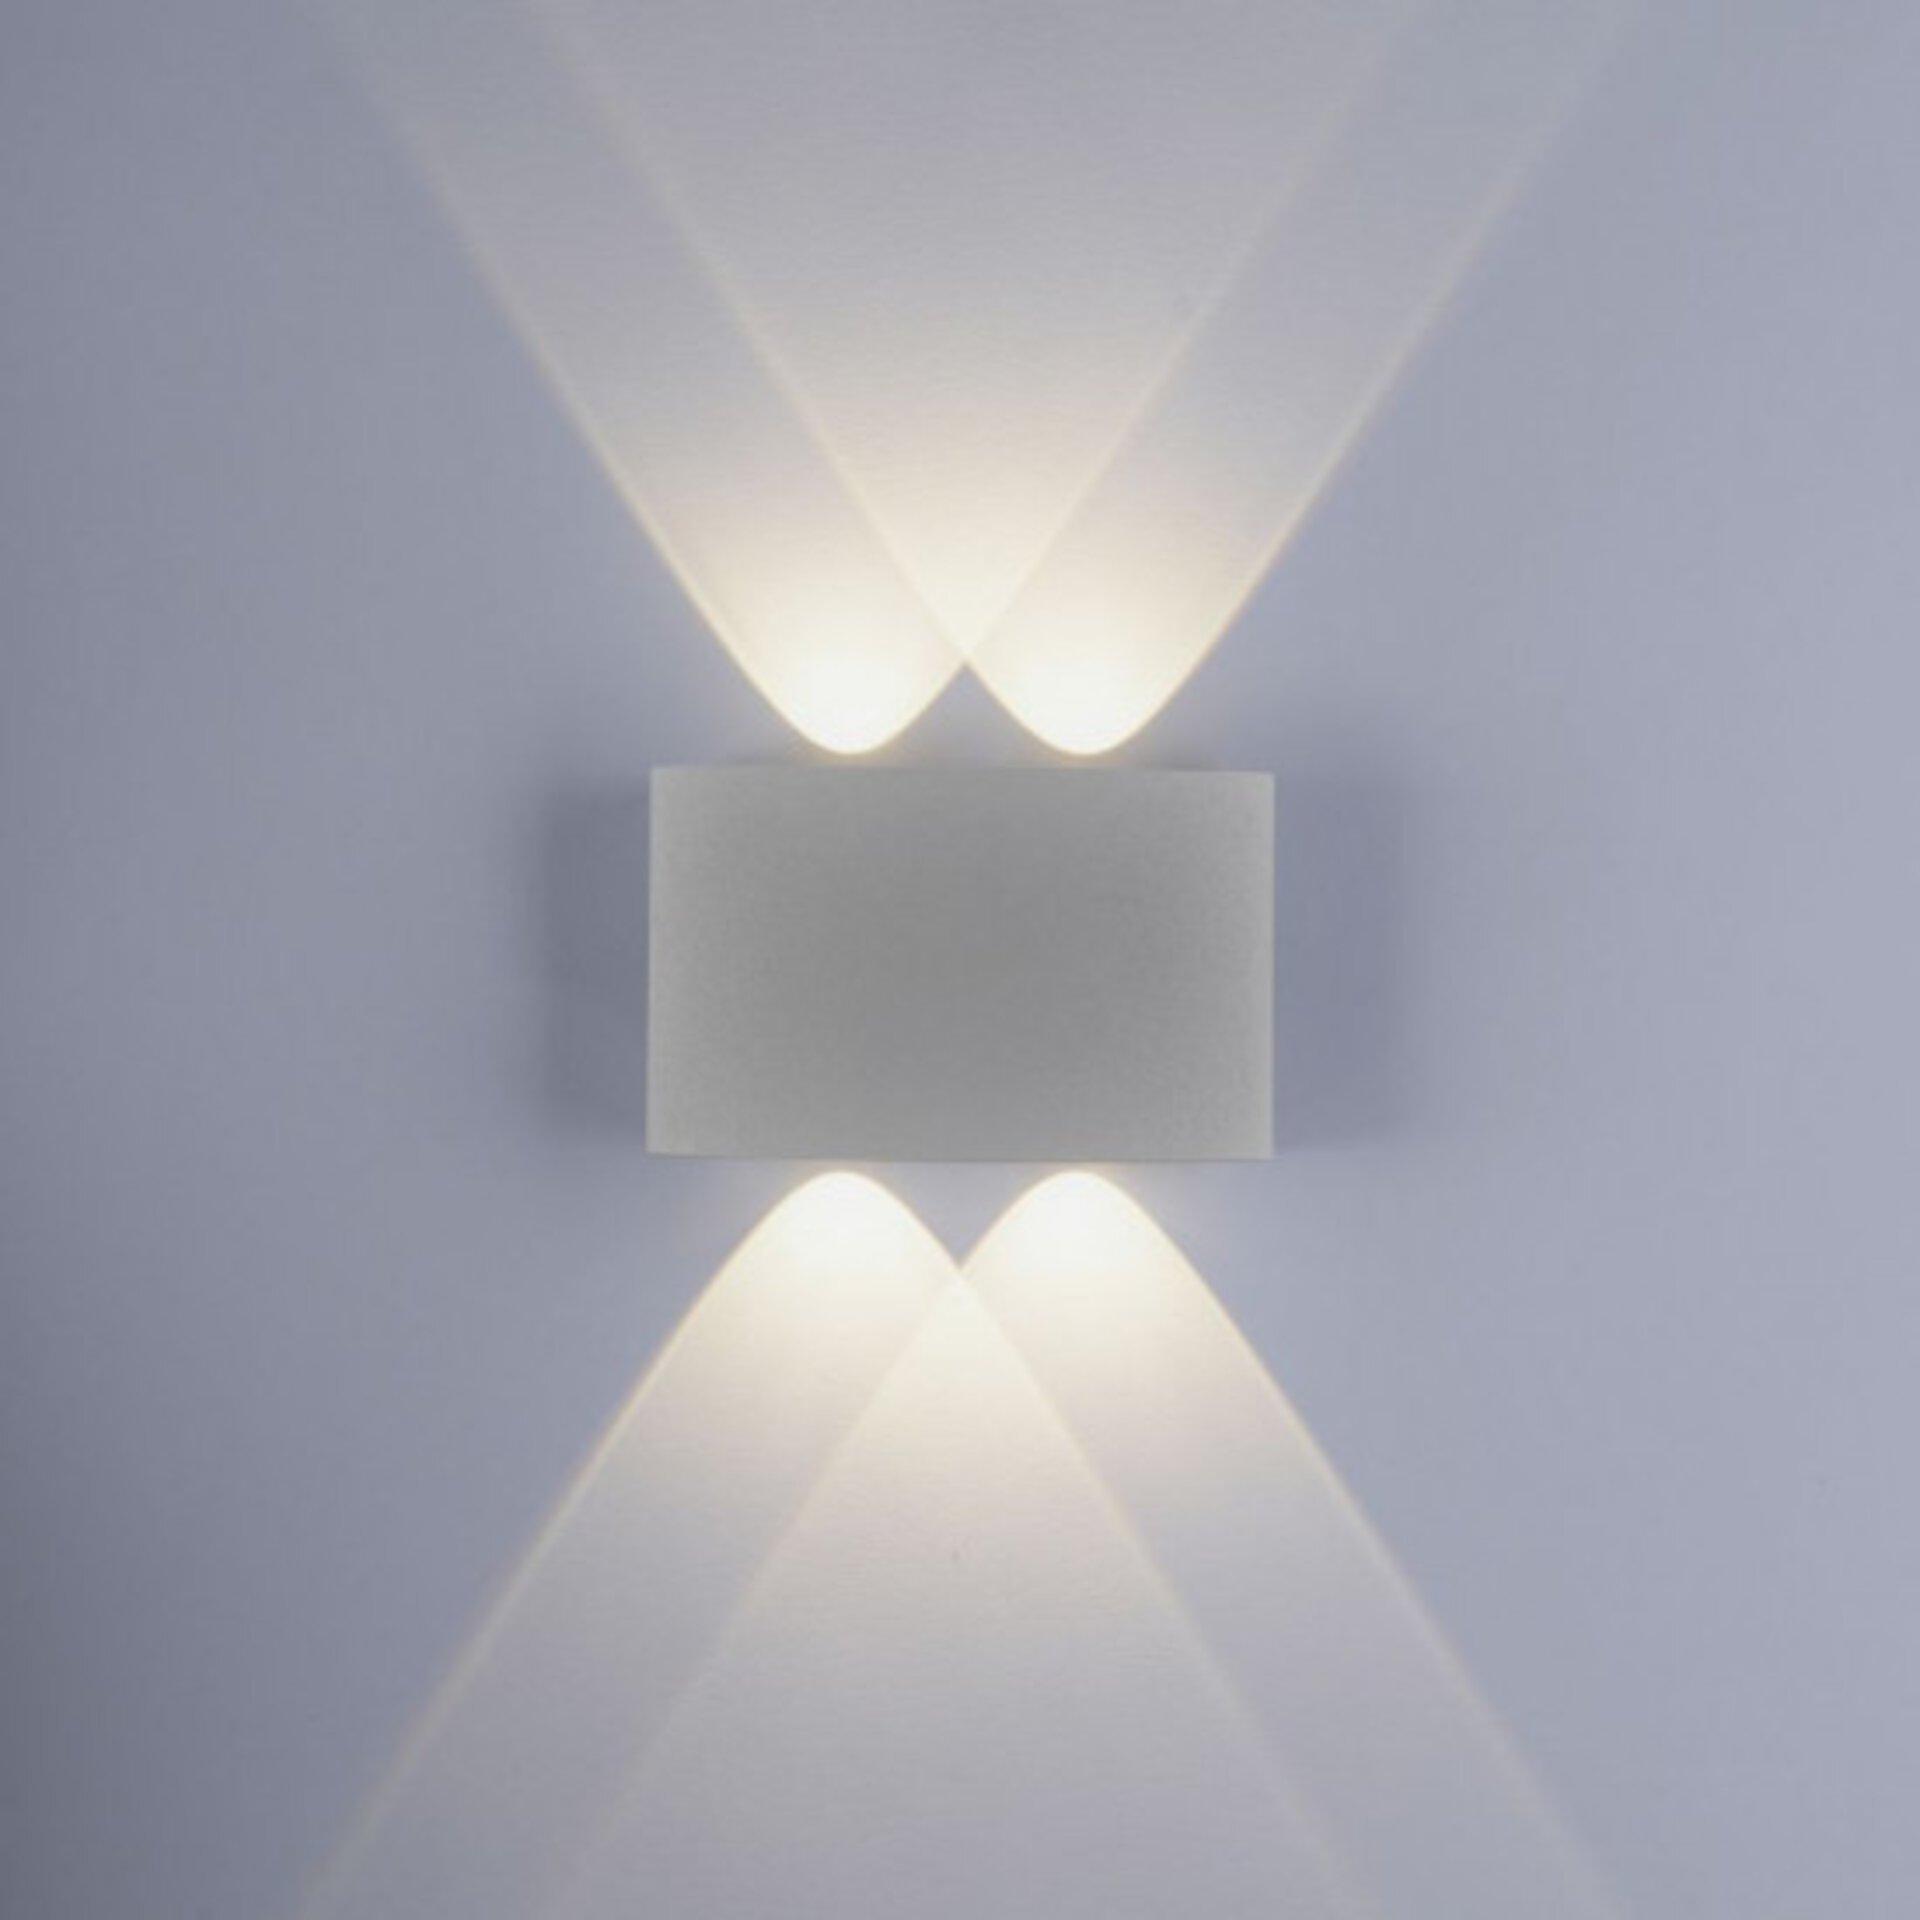 Wandleuchte CARLO Paul Neuhaus Metall silber 4 x 8 x 13 cm